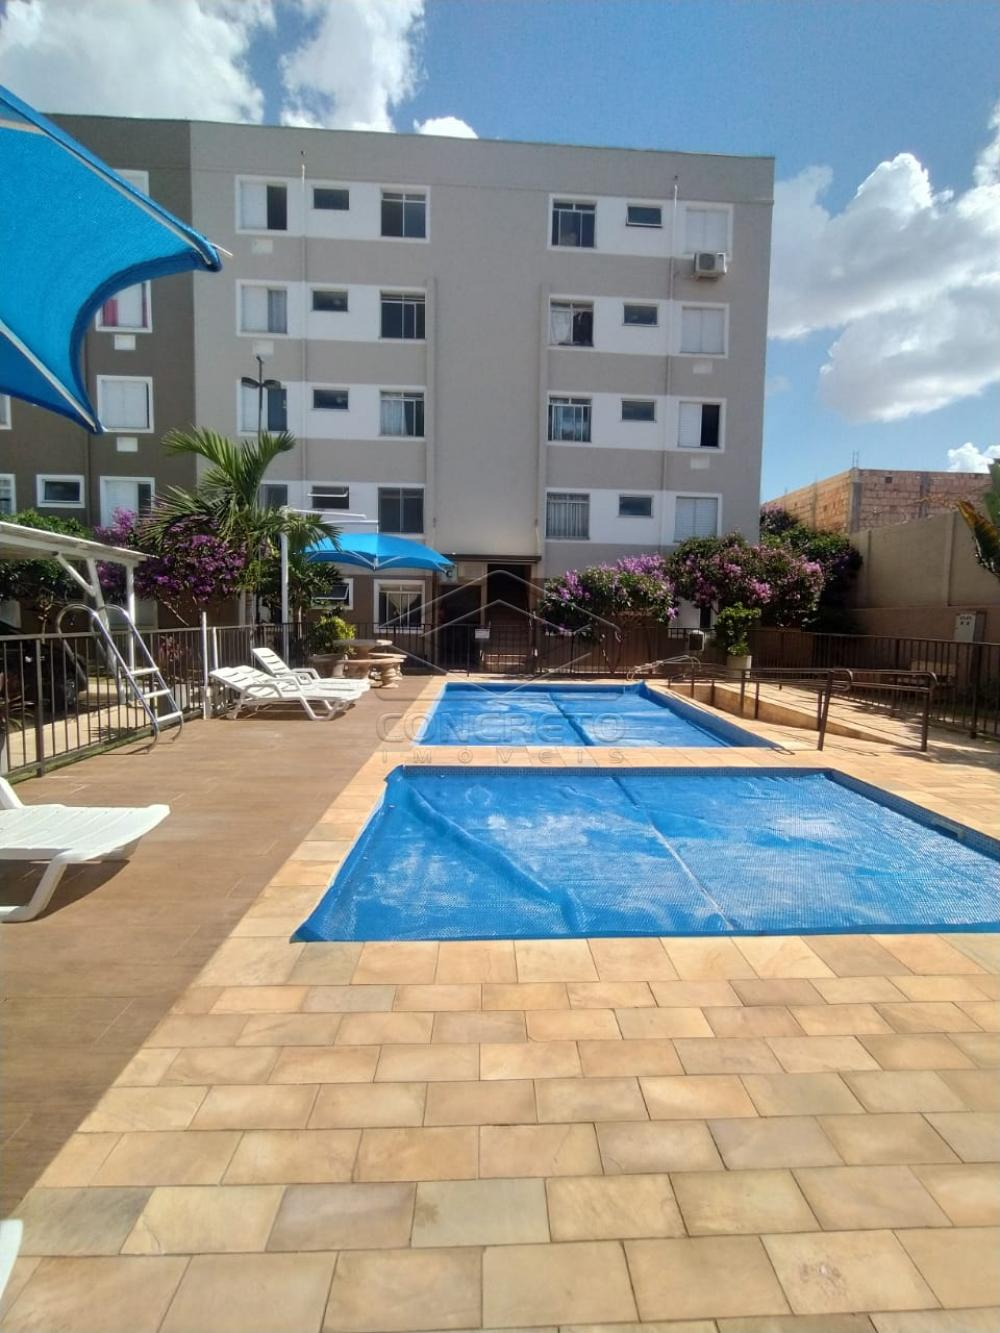 Alugar Apartamento / Padrão em Bauru apenas R$ 550,00 - Foto 3